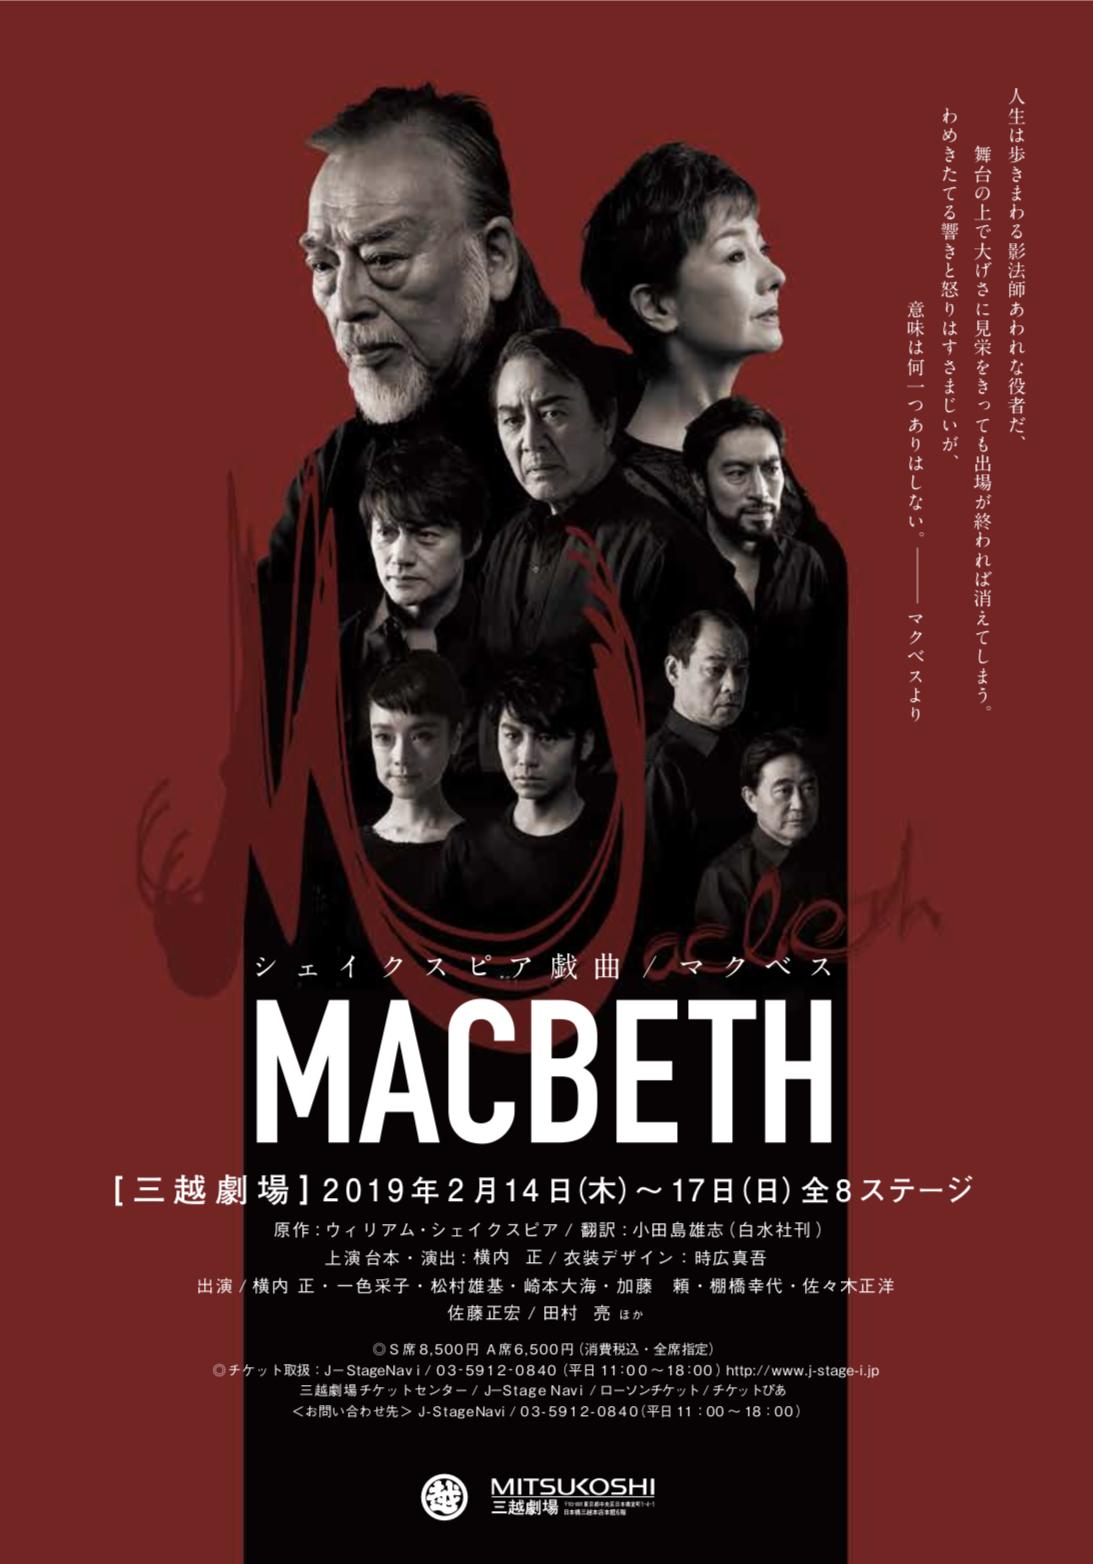 【劇】「マクベス Macbeth」